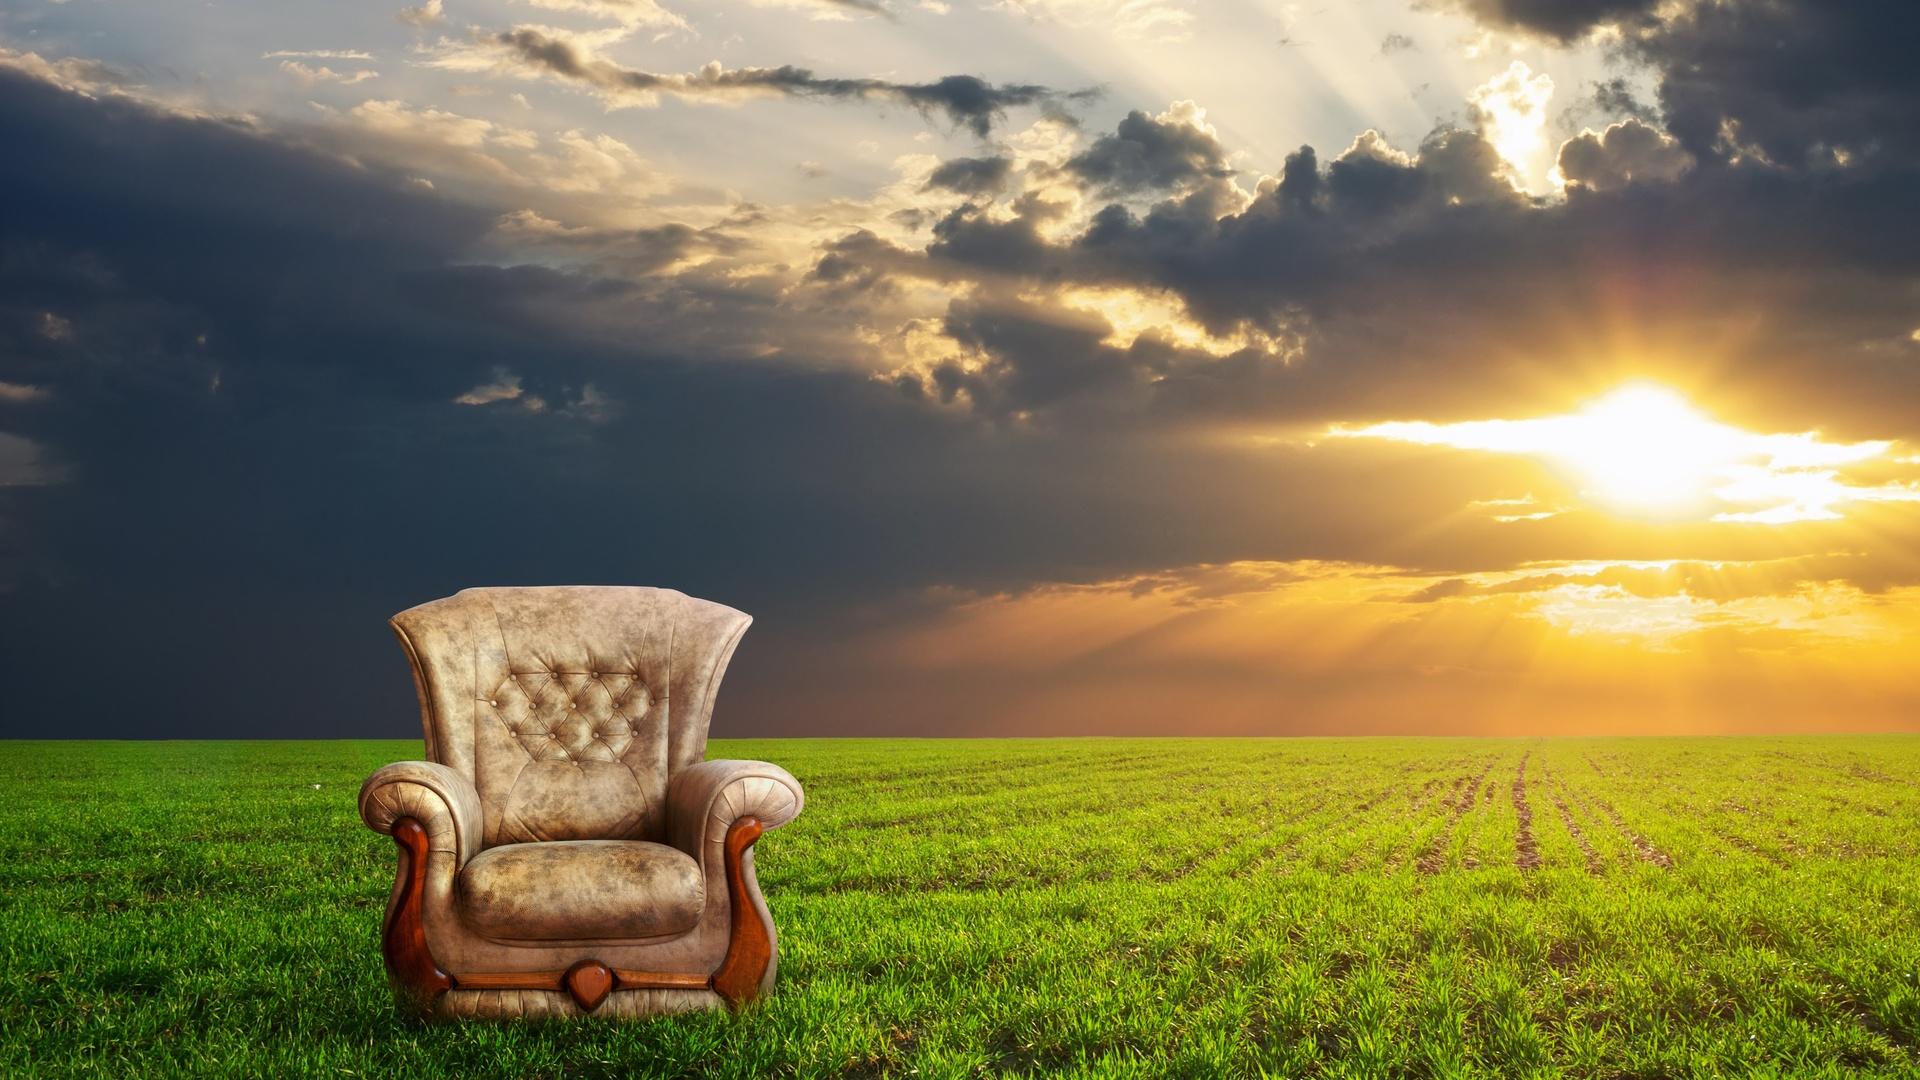 зона комфорта. выйти +из зоны комфорта. выйди из зоны комфорта. выйди из зоны комфорта измени свою жизнь.